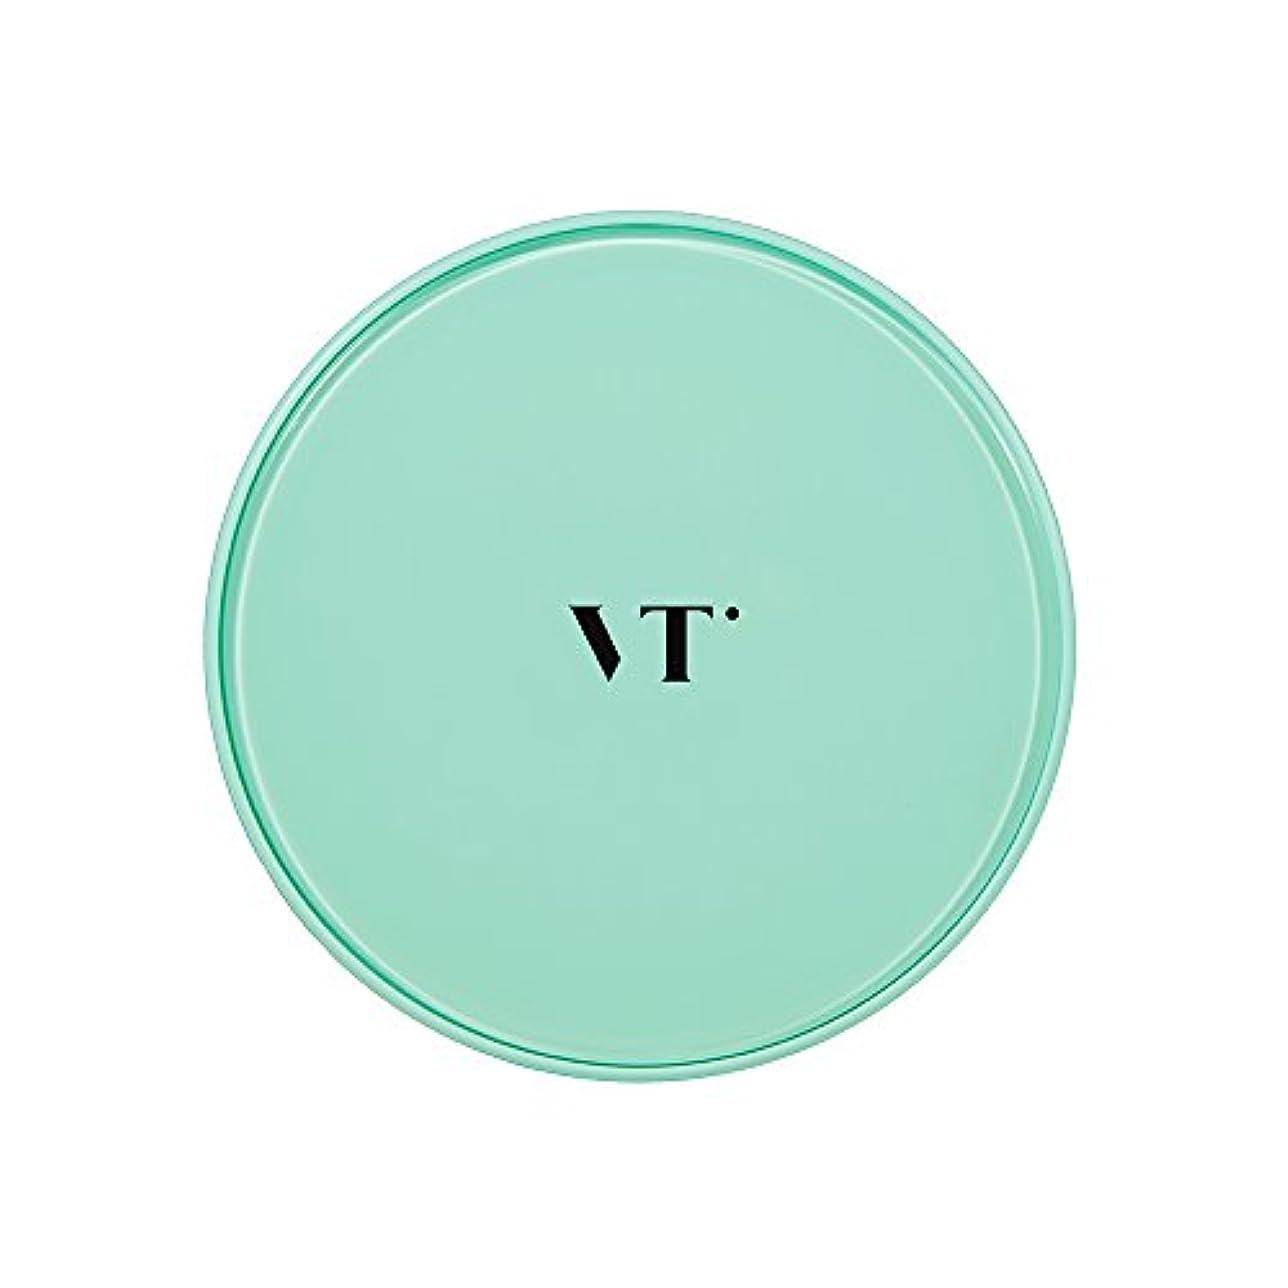 集中的な良性誘惑するVT フィト立ったクッション SPF50+ PA++++ 11g/VT Phyto Sun Cushion [並行輸入品]